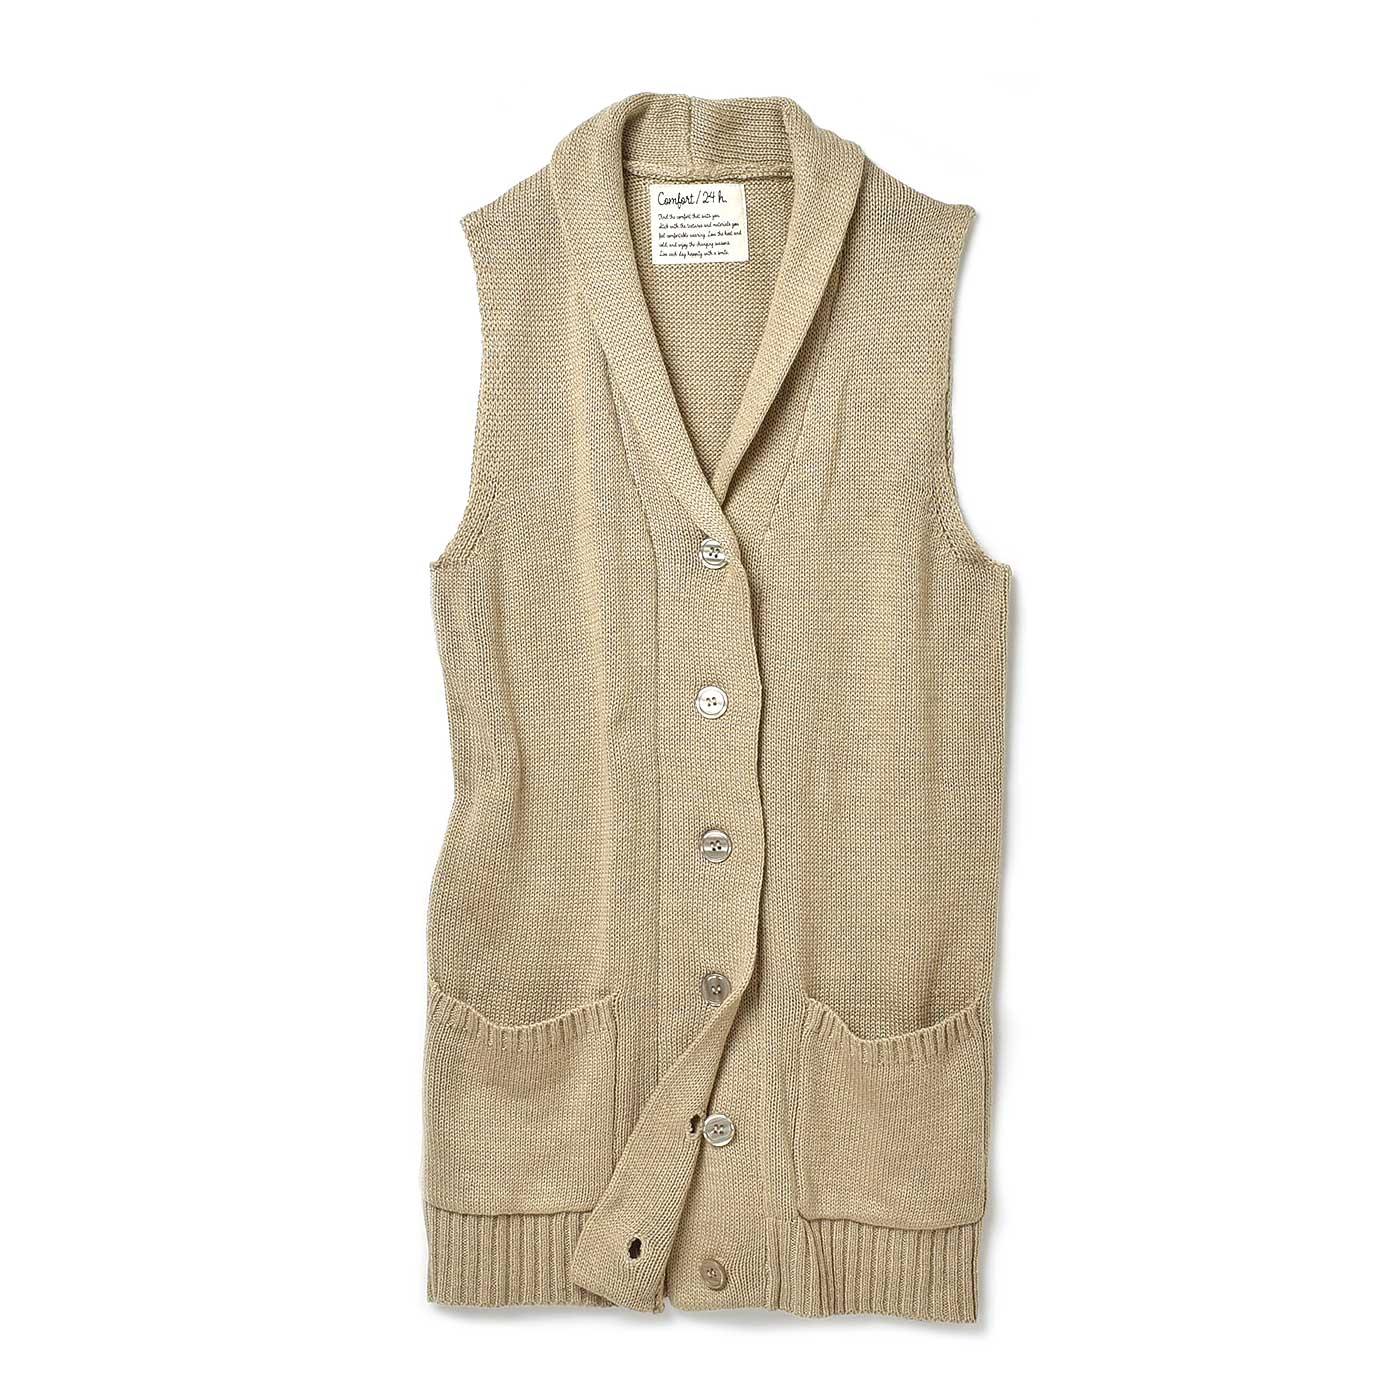 冷えを感じやすい首もとをカバーして小顔に見せる、衿付きデザイン。重ね着もすっきりな広めのアームホール。すそまわりはメリハリのあるリブ遣いで、印象すっきり!使い勝手のよいポケット付き。